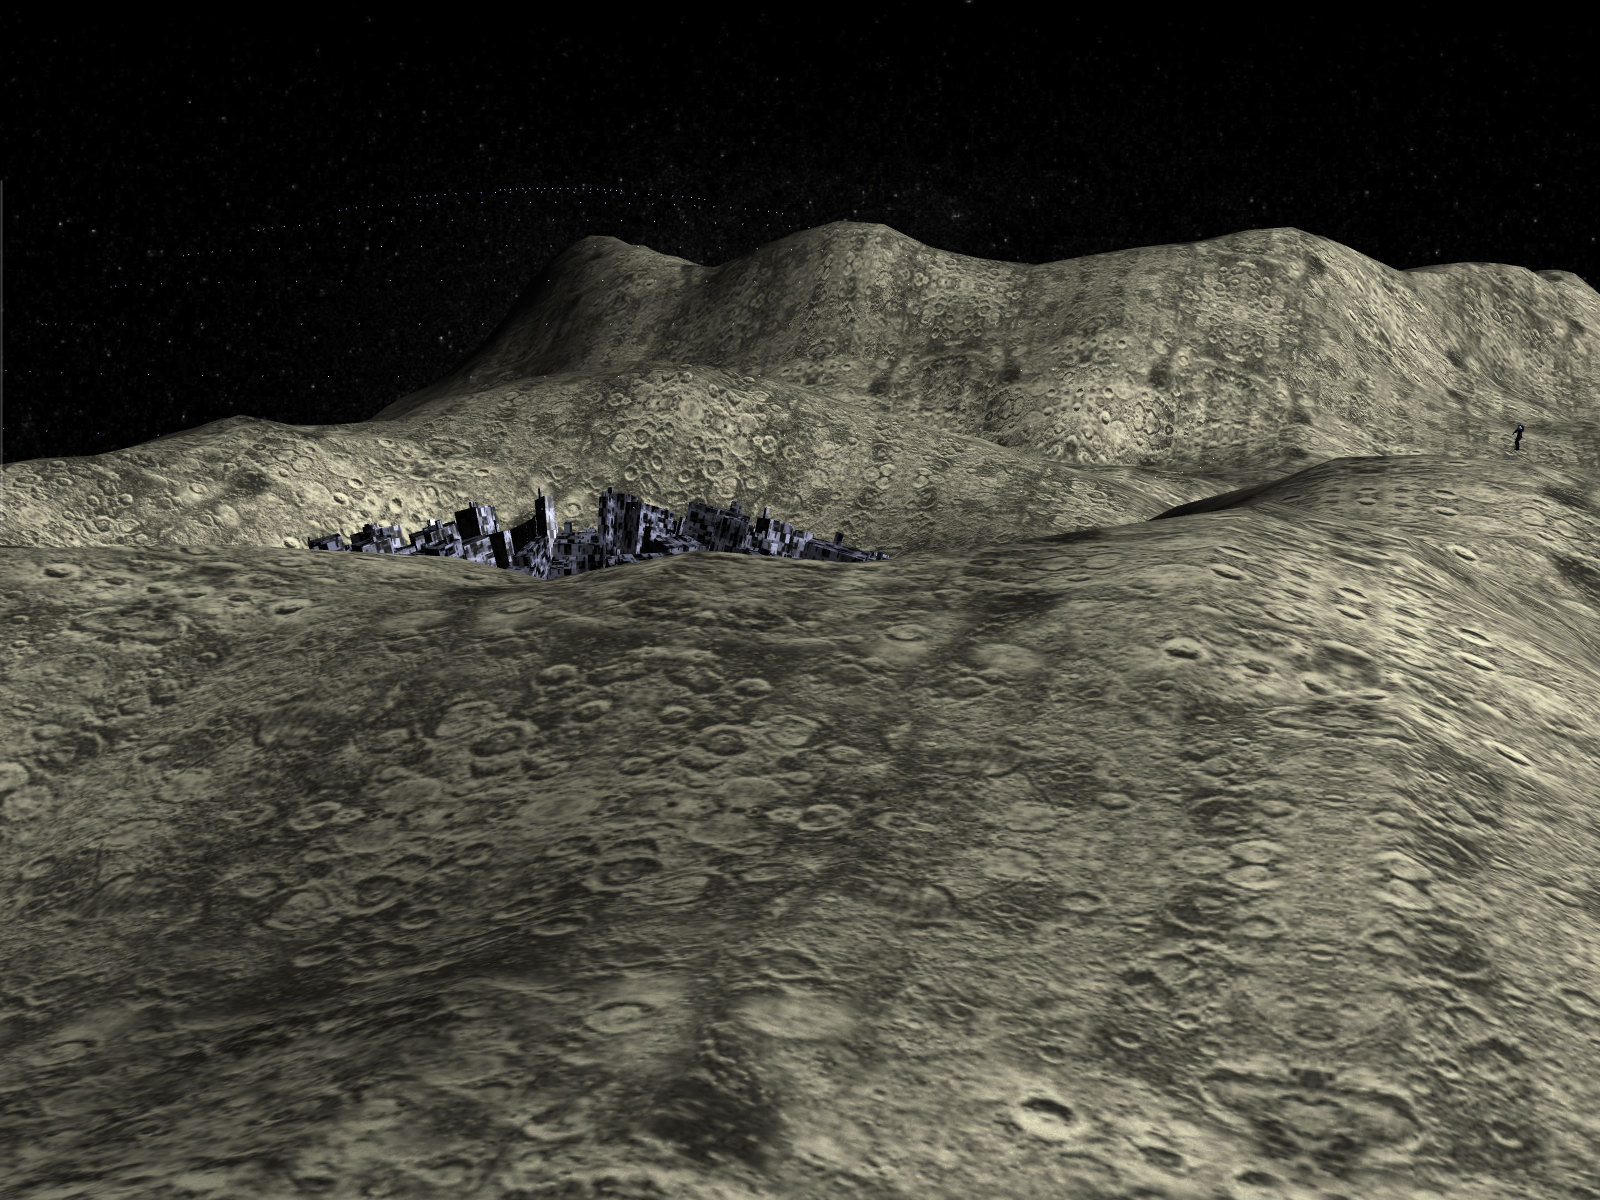 moon base wallpaper - photo #36